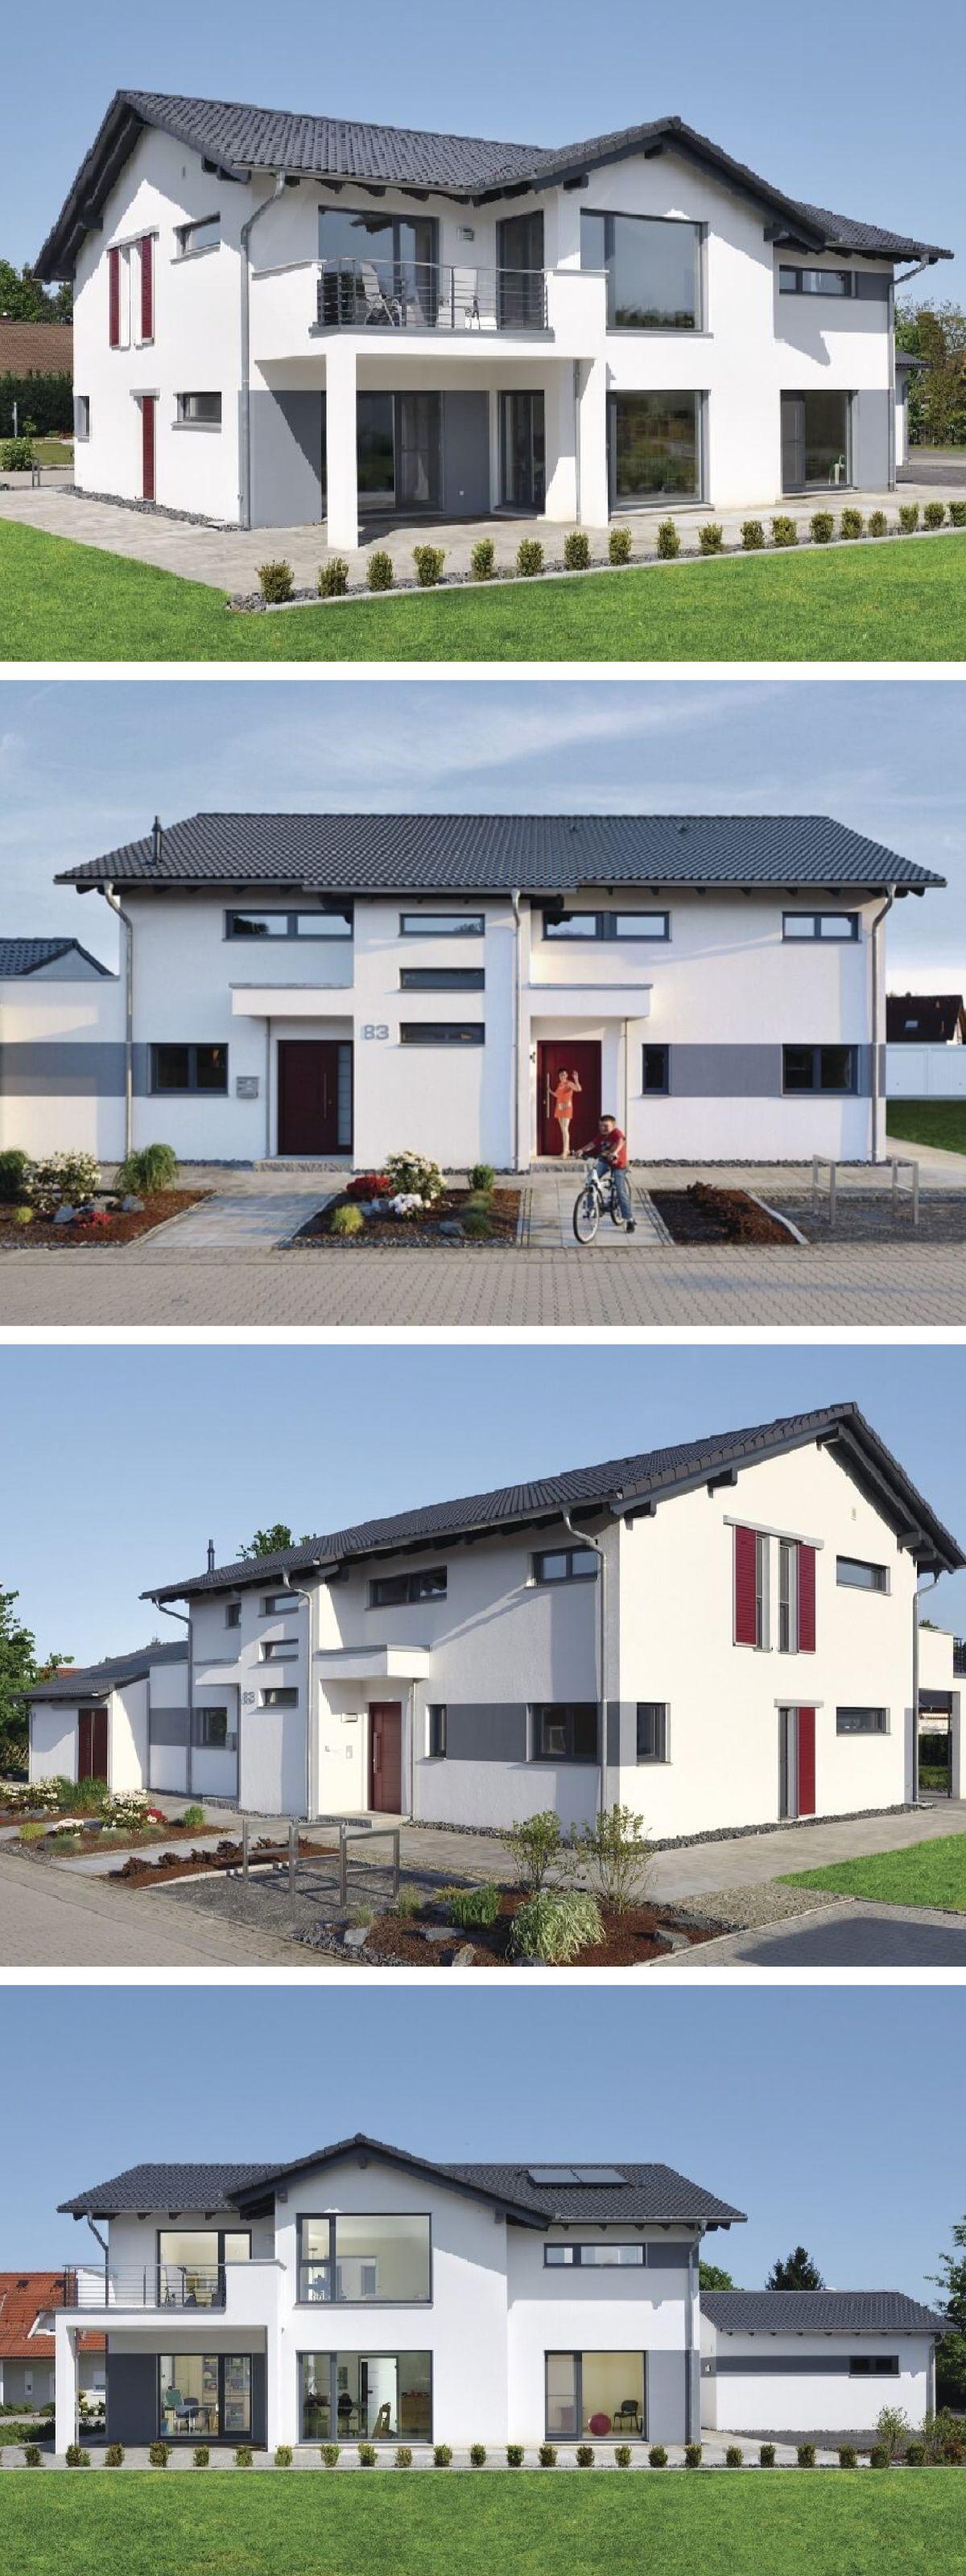 Modernes Einfamilienhaus Mit Garage, Büro Anbau U0026 Satteldach Architektur    Haus Bauen Ideen WeberHaus Massivhaus